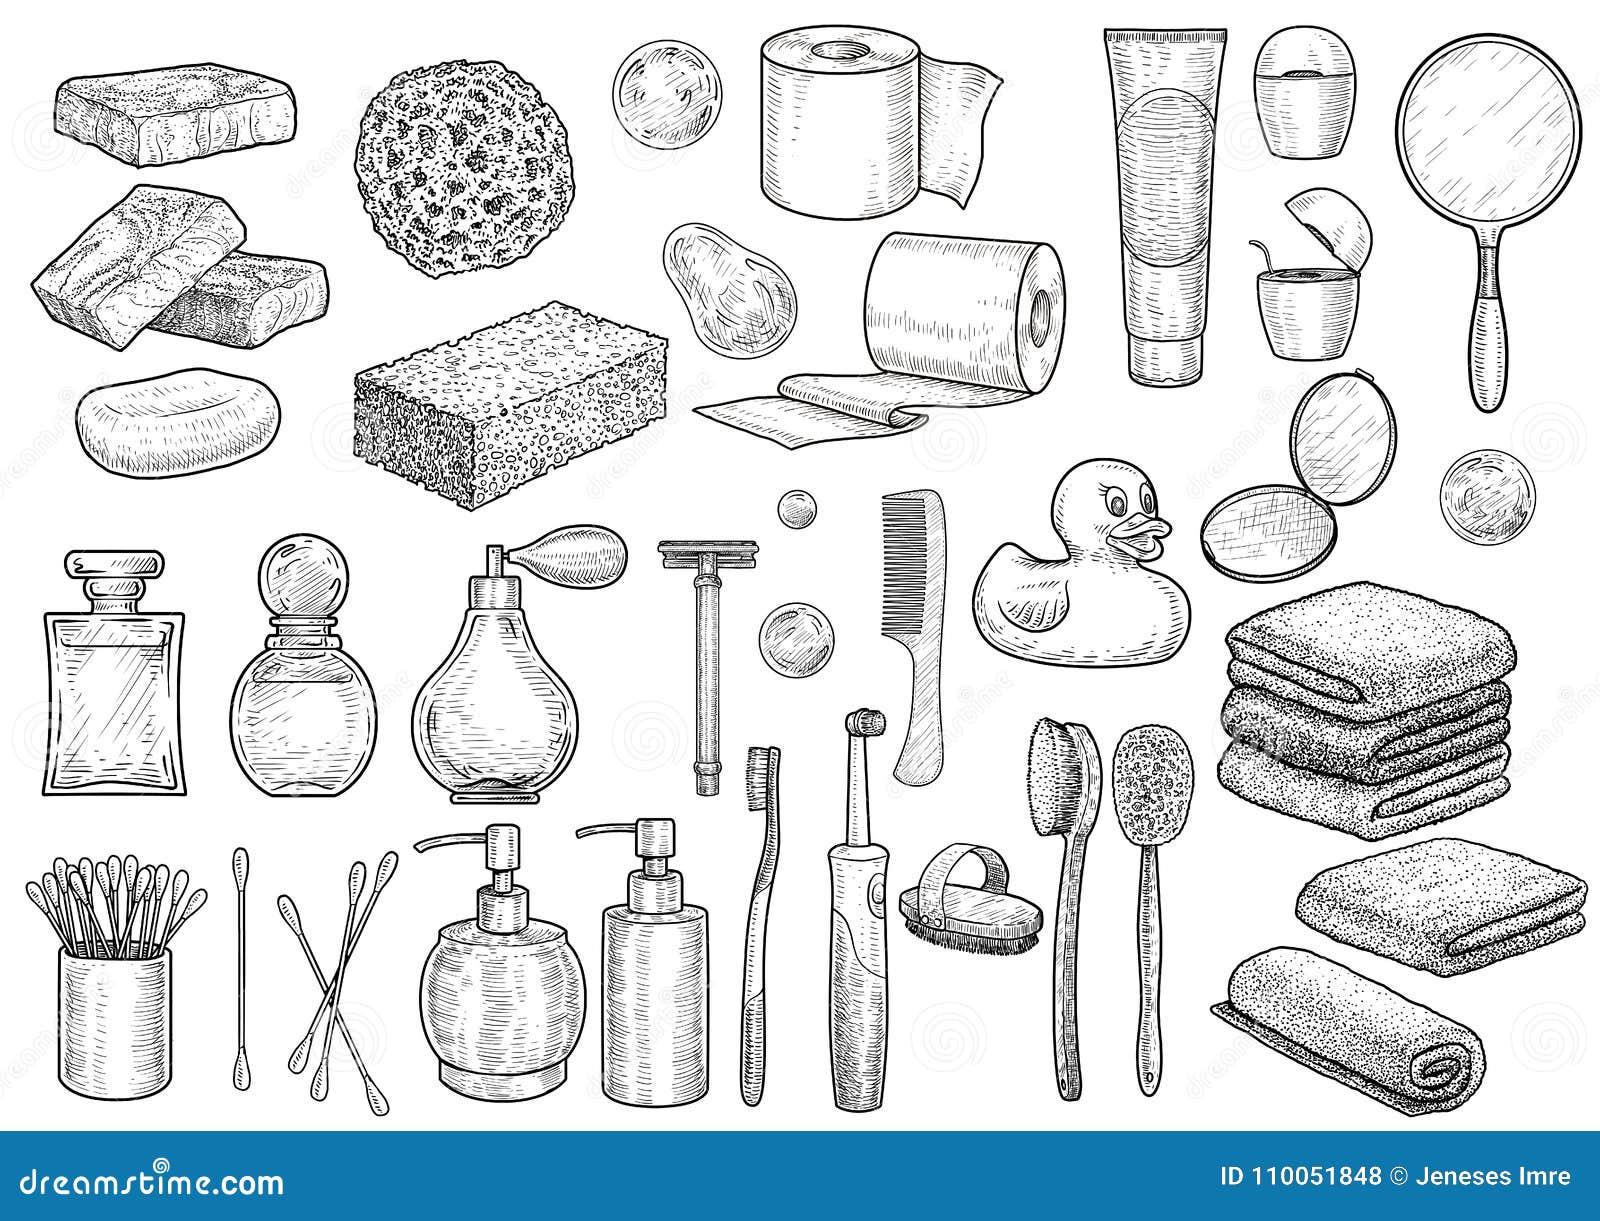 Dessin Salle De Bain illustration de collection de salle de bains, dessin